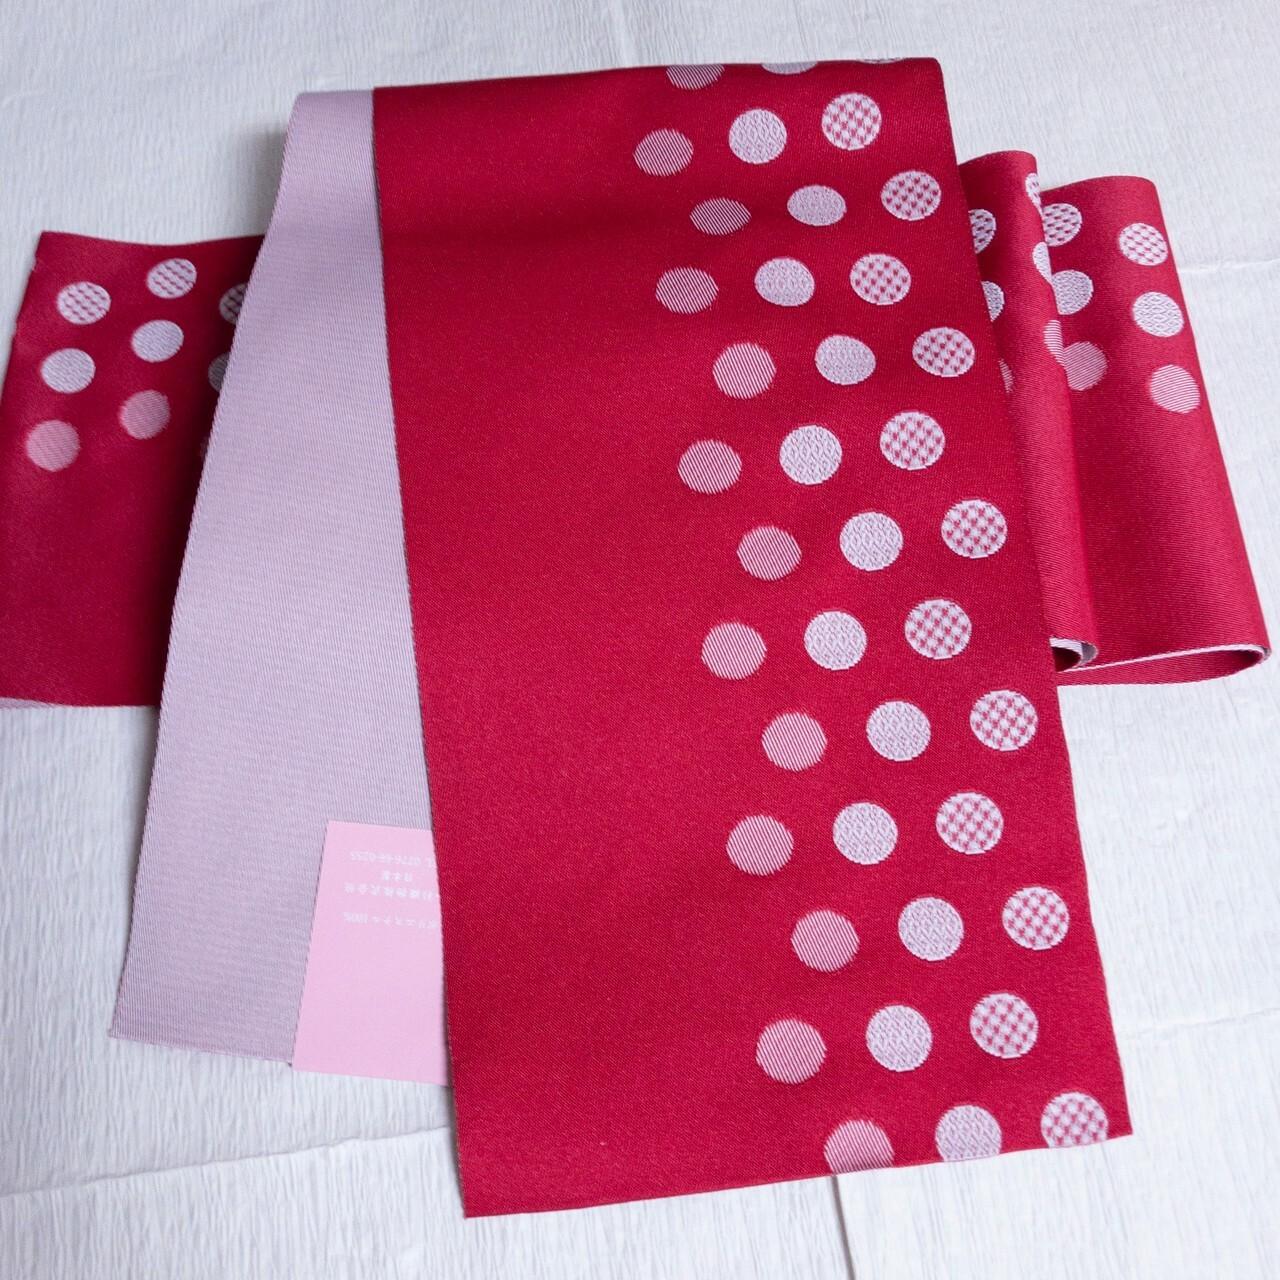 【新品】リバーシブル単仕立て半幅帯 化繊 赤×白水玉